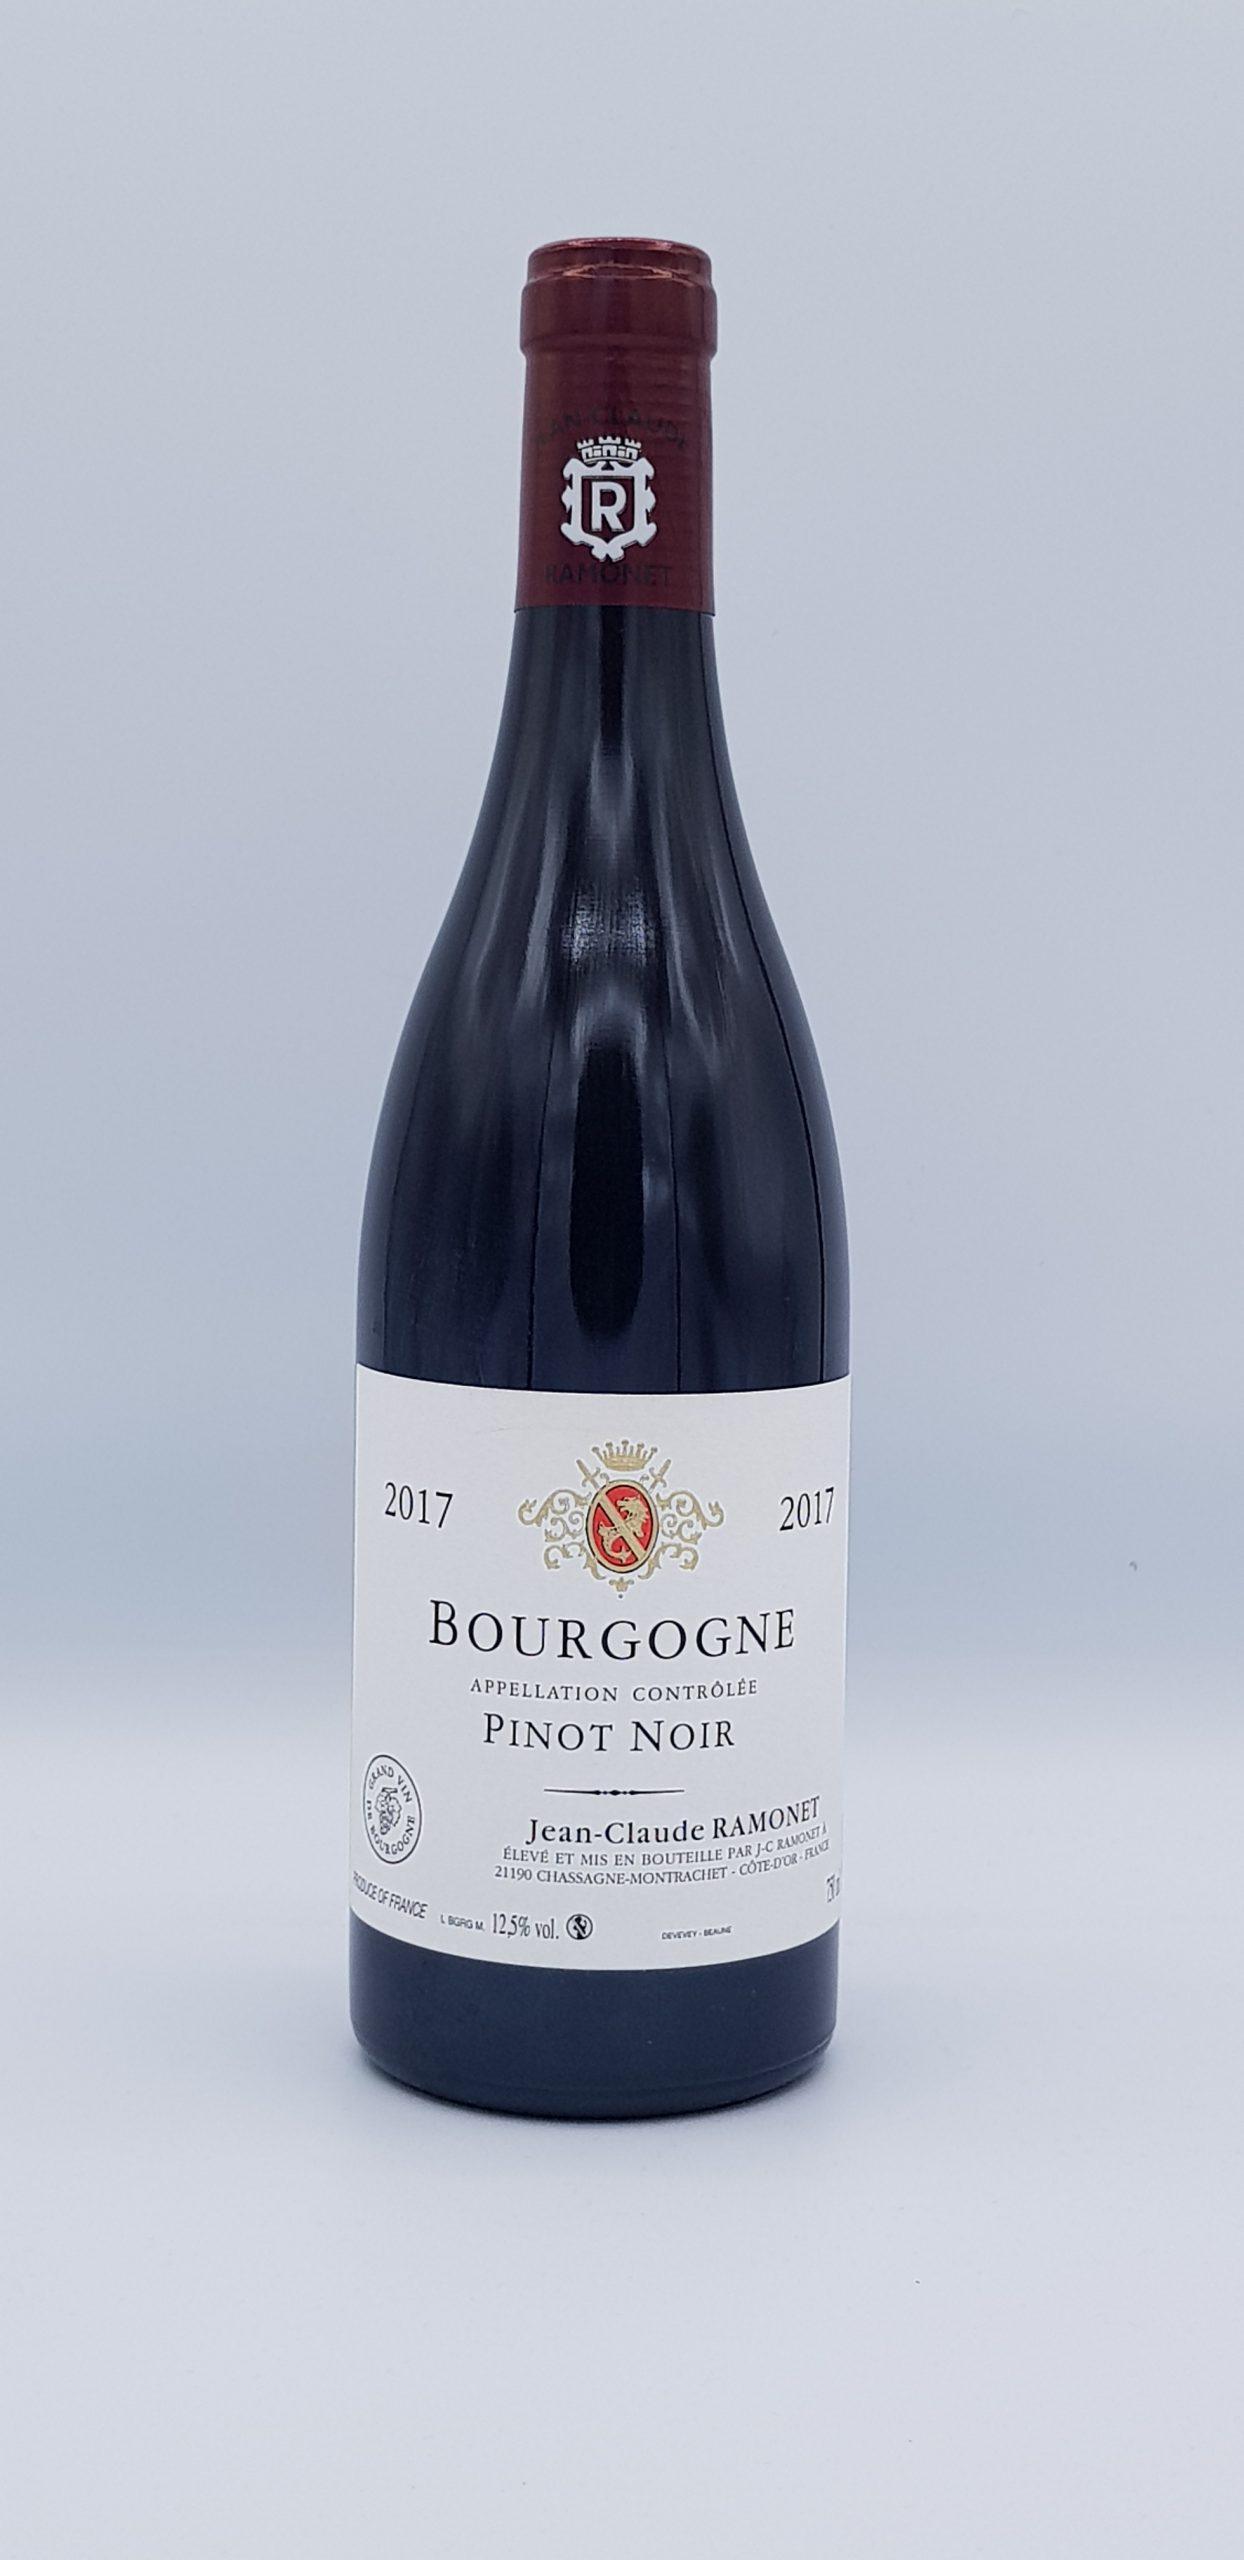 Bourgogne Pinot Noir 2017 Domaine Ramonet